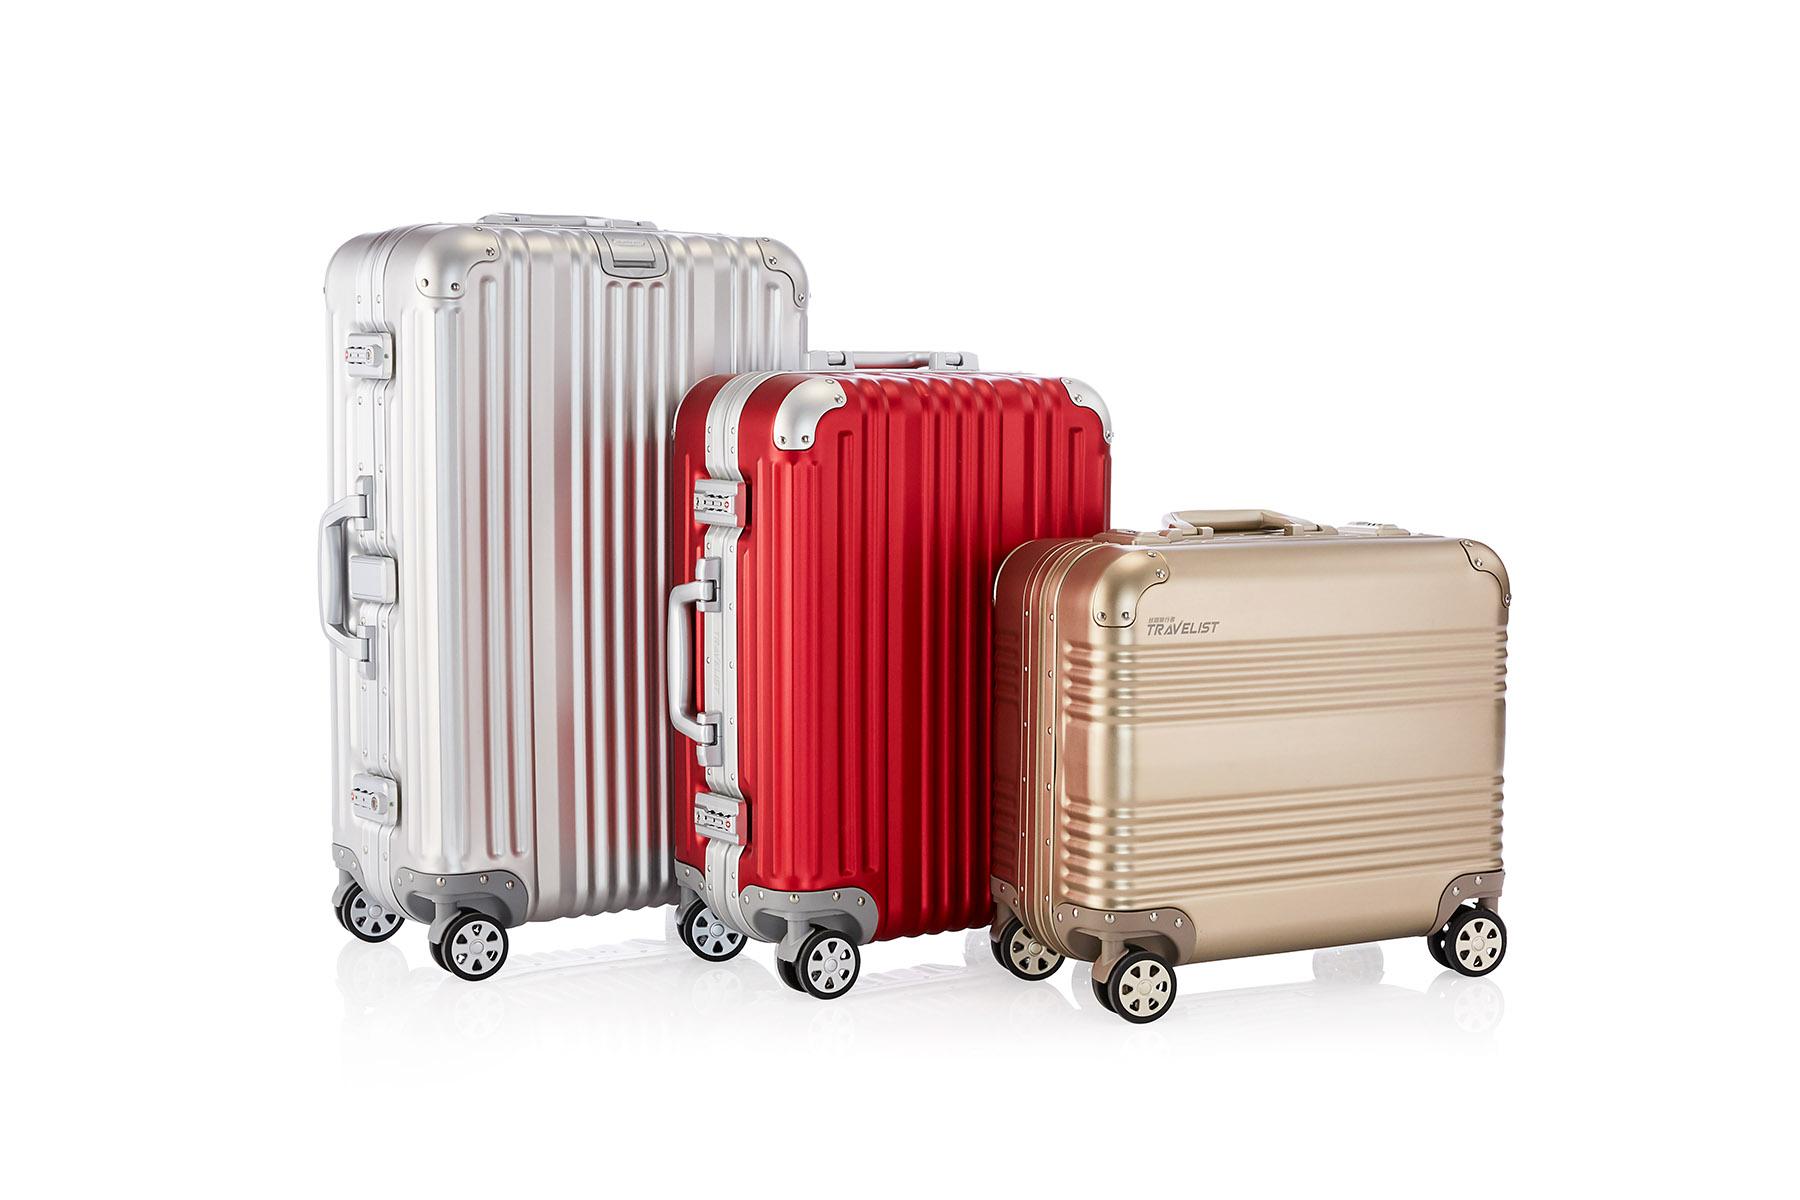 行李箱静物拍摄